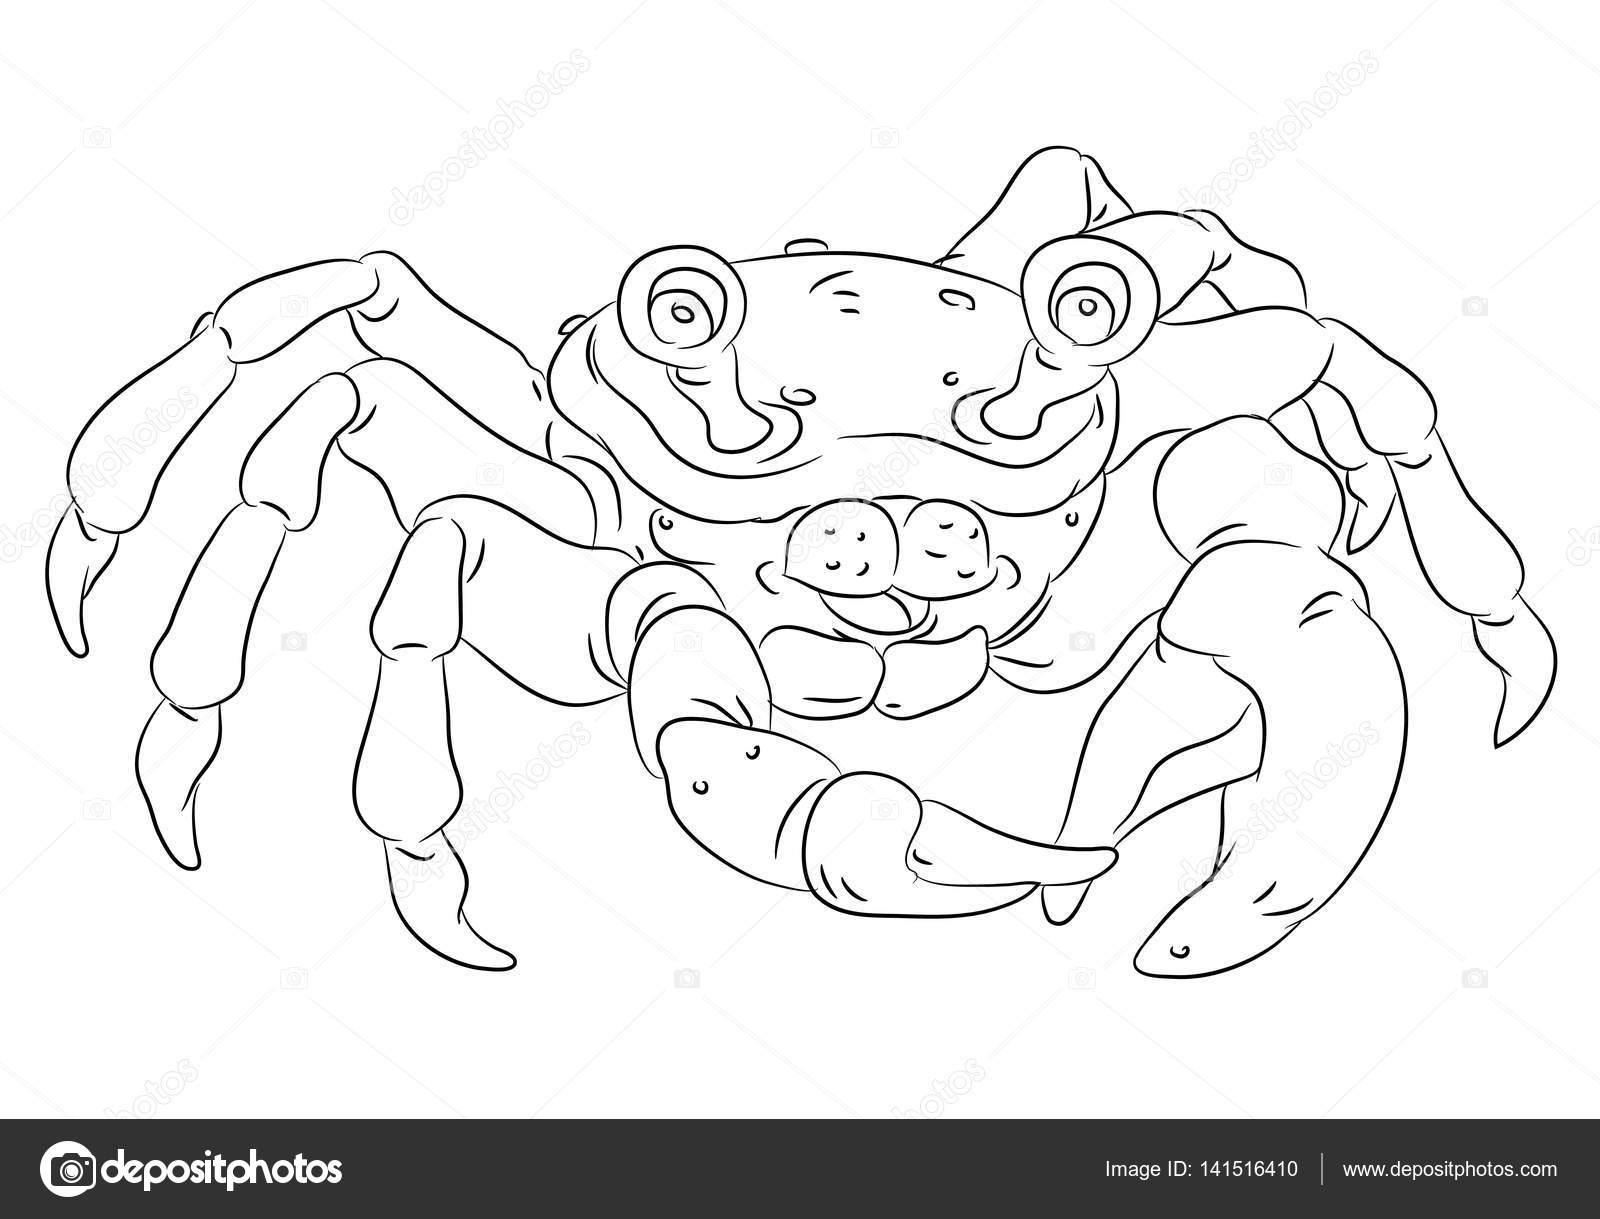 glücklich lächelnd Cartoon Krabbe Malvorlagen — Stockvektor ...